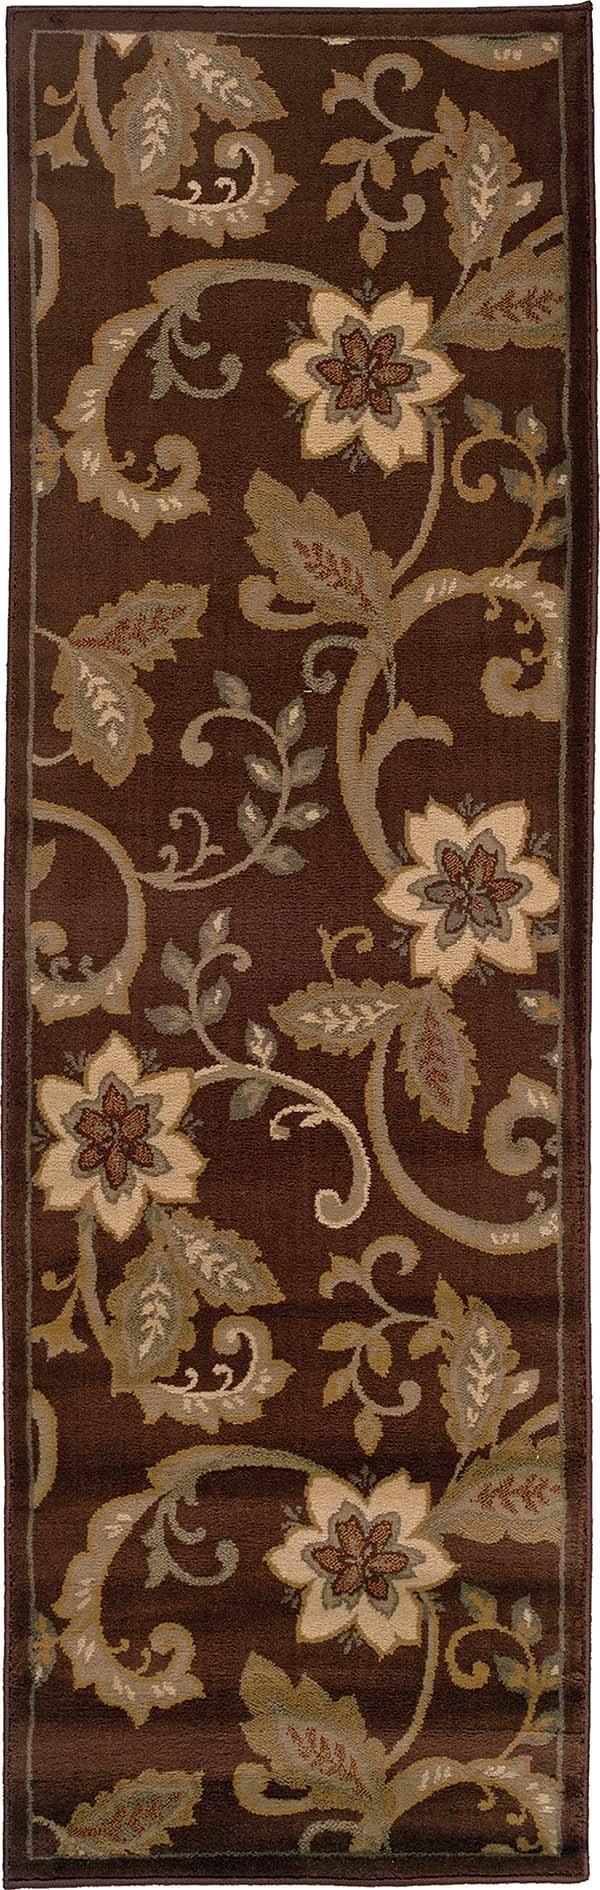 Brown, Ivory Floral / Botanical Area Rug